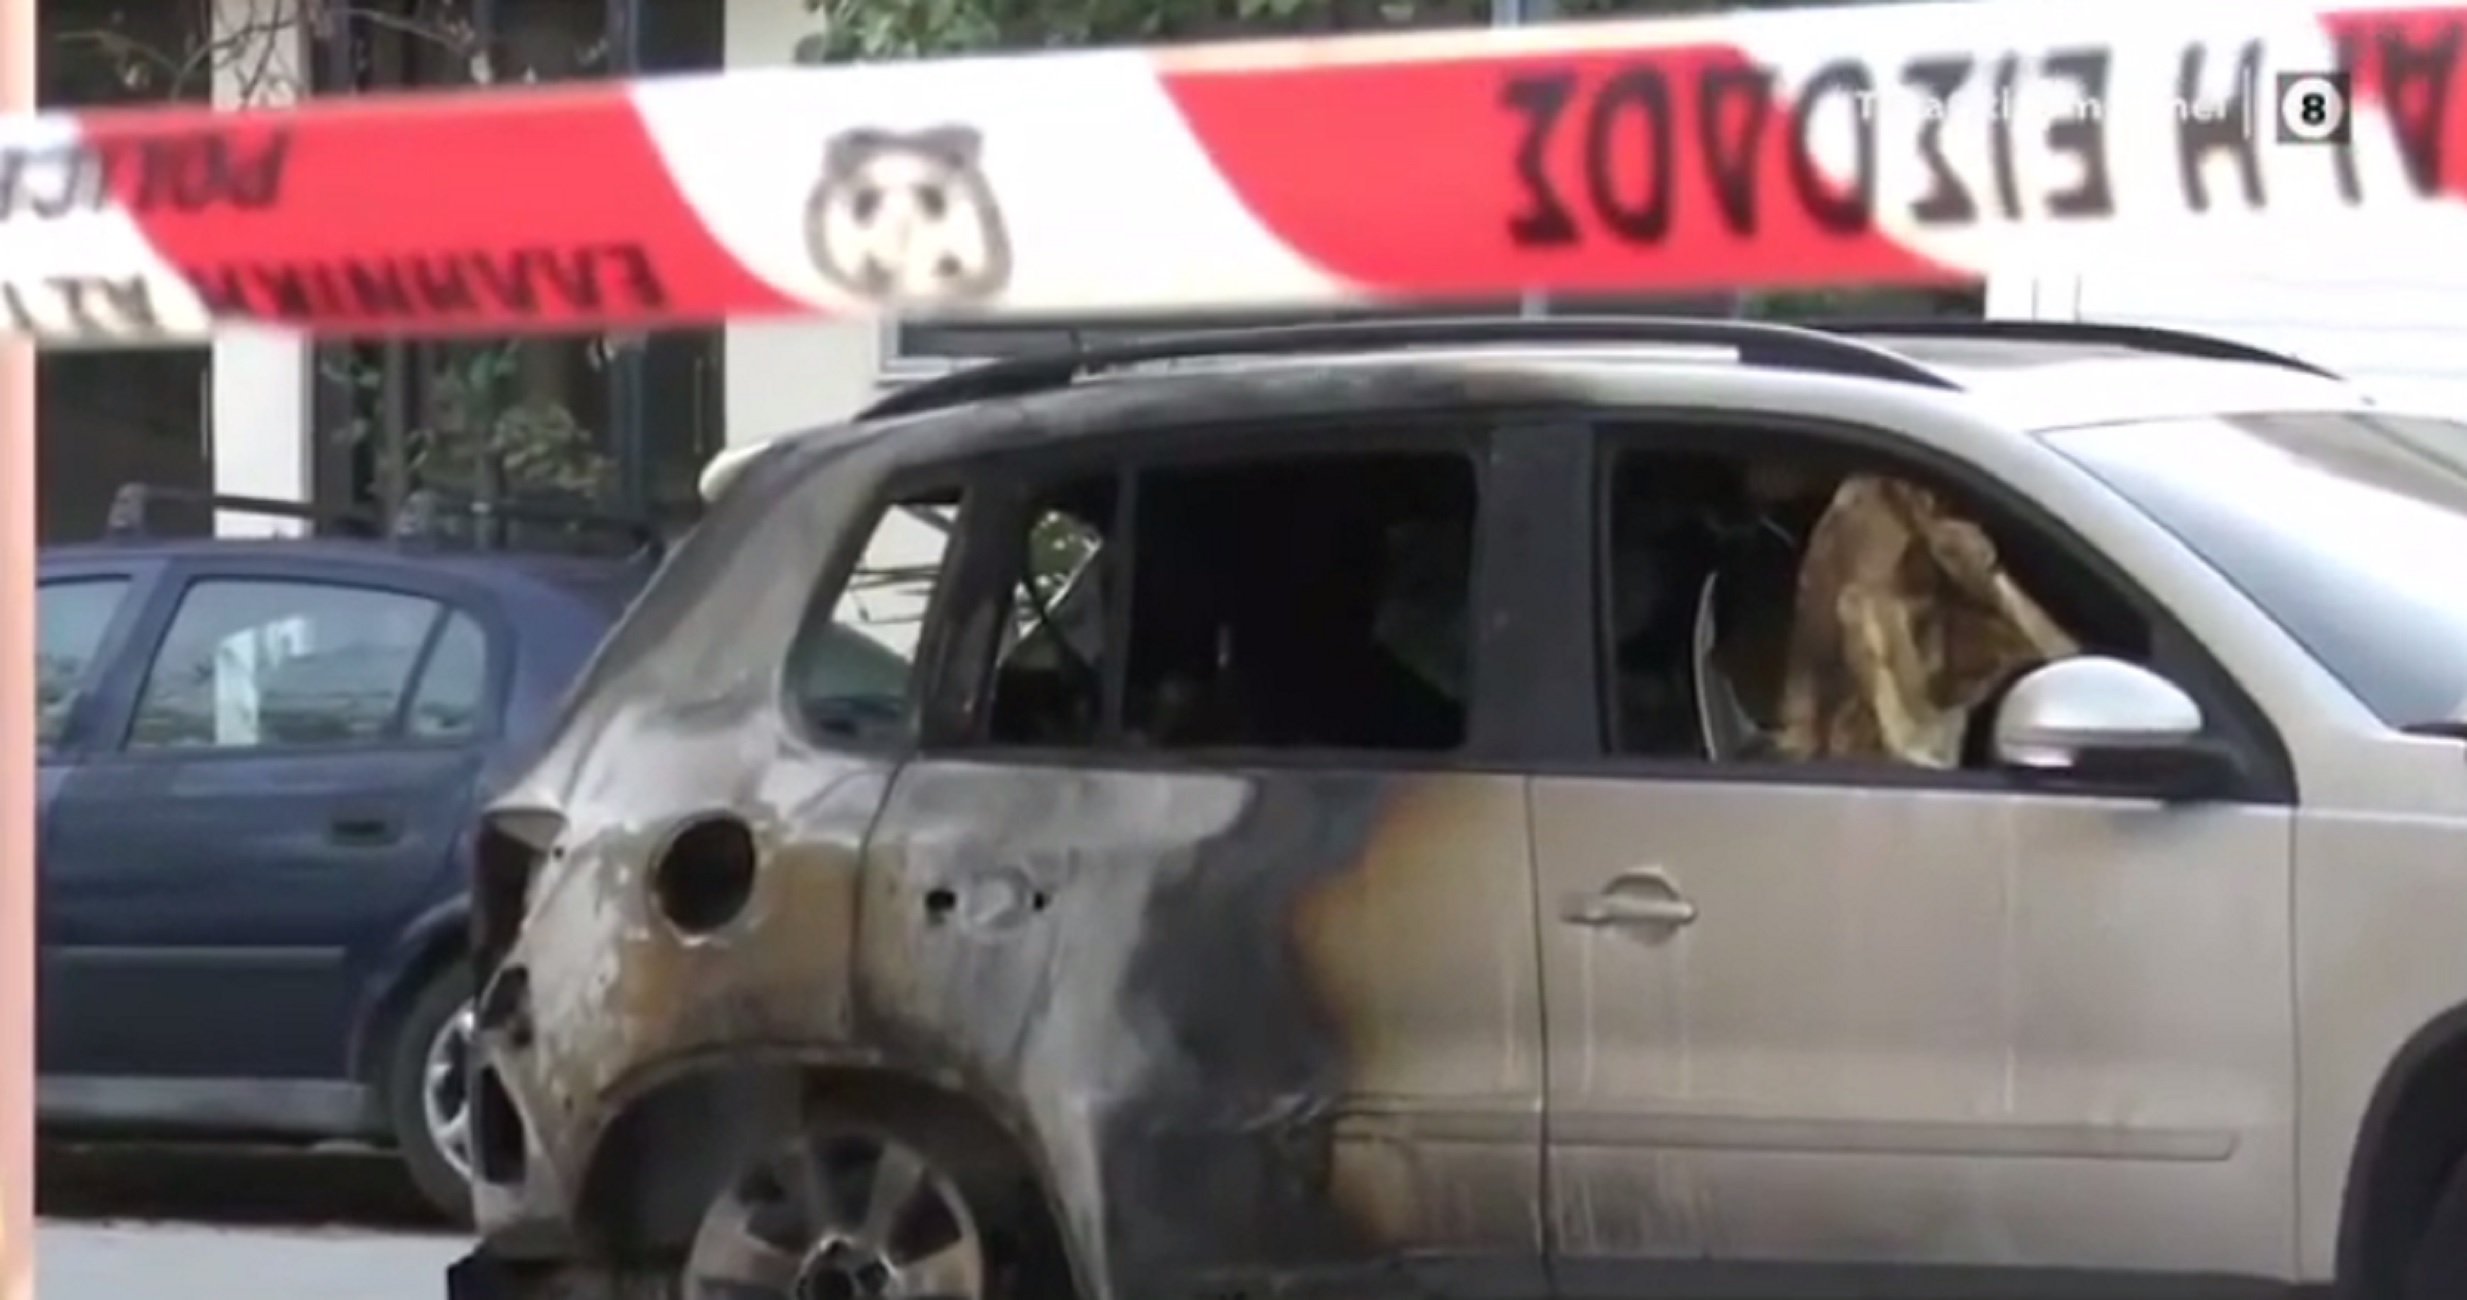 Περιστέρι: Εμπρηστική επίθεση με γκαζάκια σε τρία αυτοκίνητα